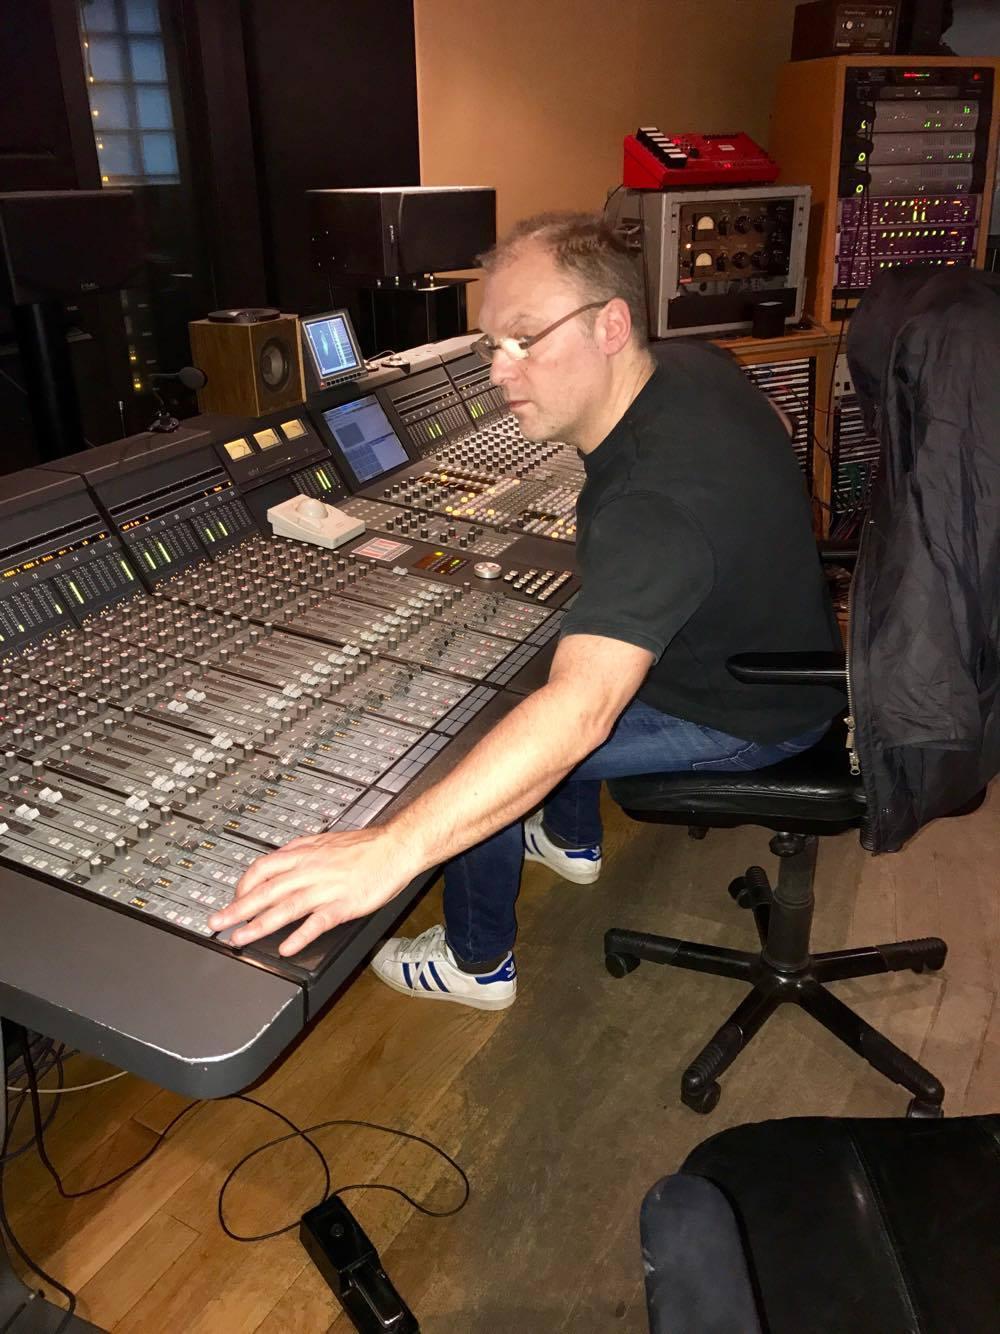 Jon working on his Euphonix CS3000